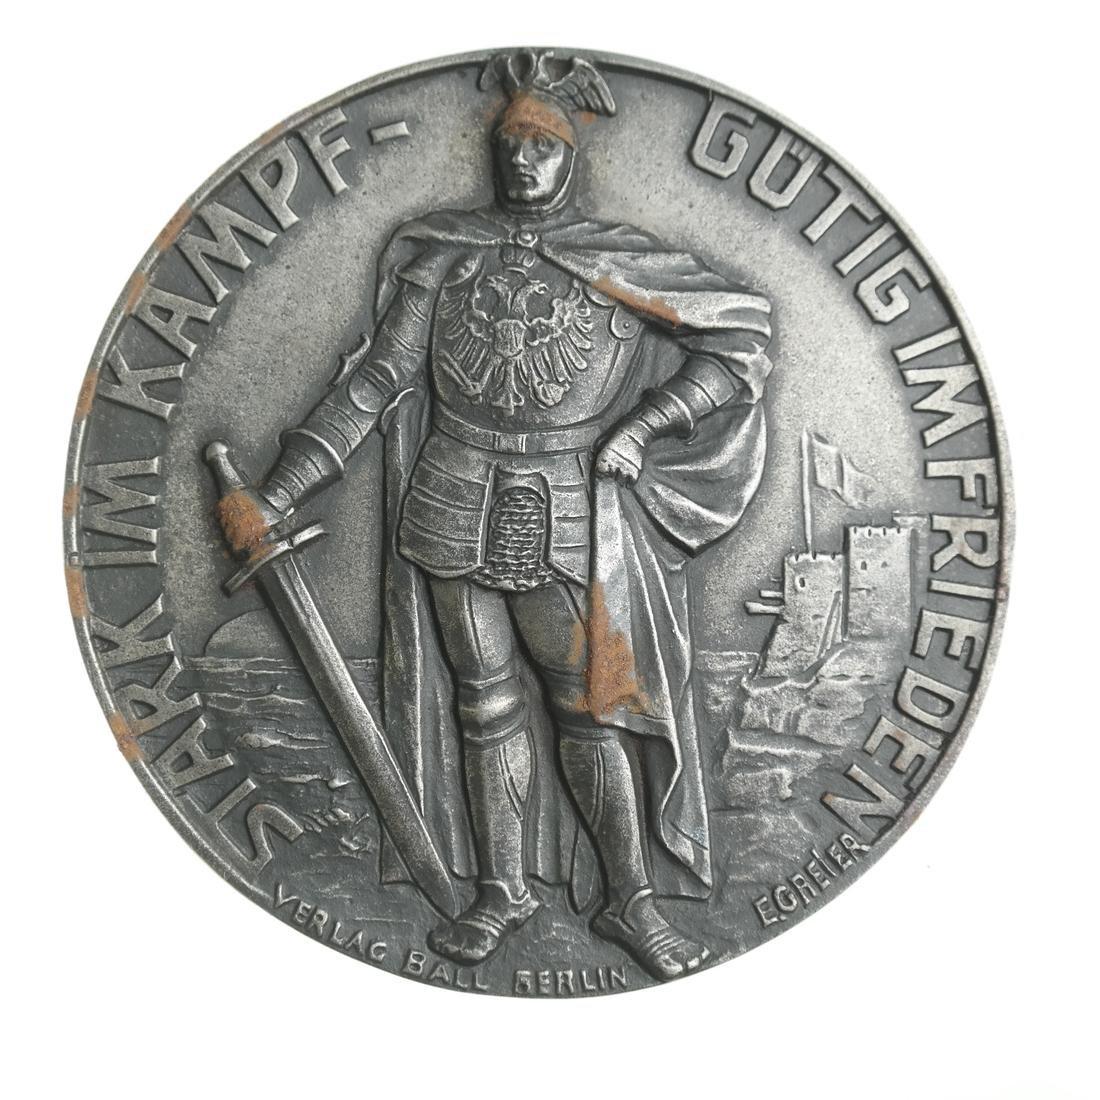 AUSTRIA. ARCHDUKE KARL FRANZ JOSEF MEDALLION, 1915.